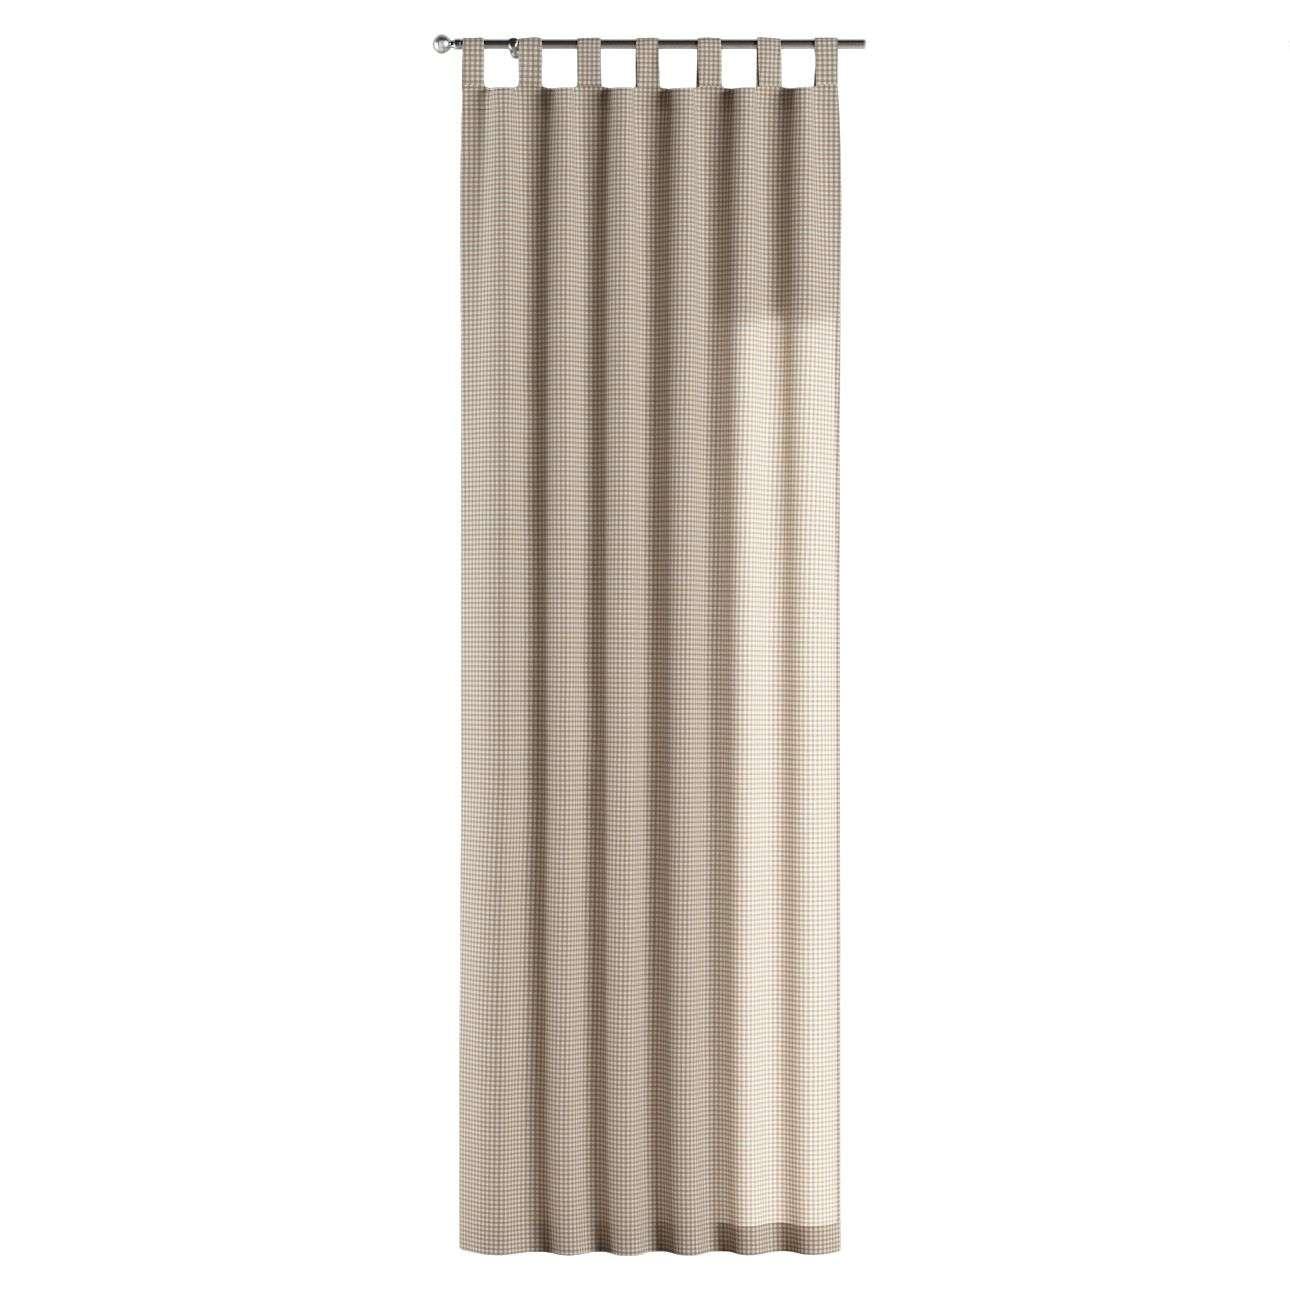 Schlaufenschal 130 x 260 cm von der Kollektion Quadro, Stoff: 136-05